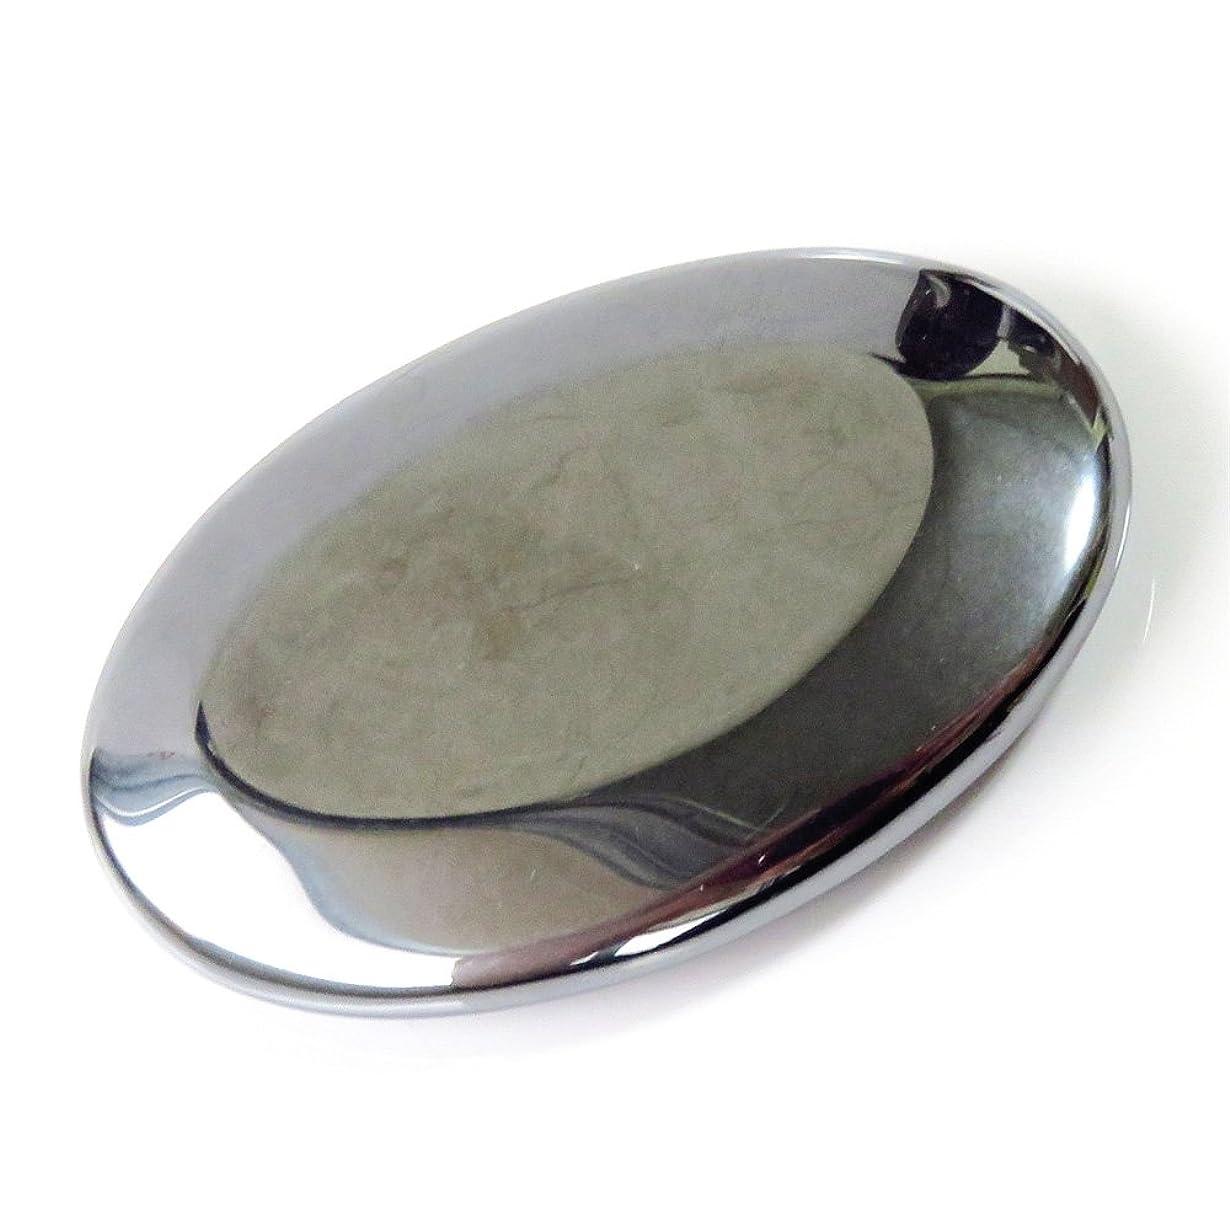 行列非行ブロックエステ業界も注目 テラヘルツ鉱石かっさプレート 楕円型